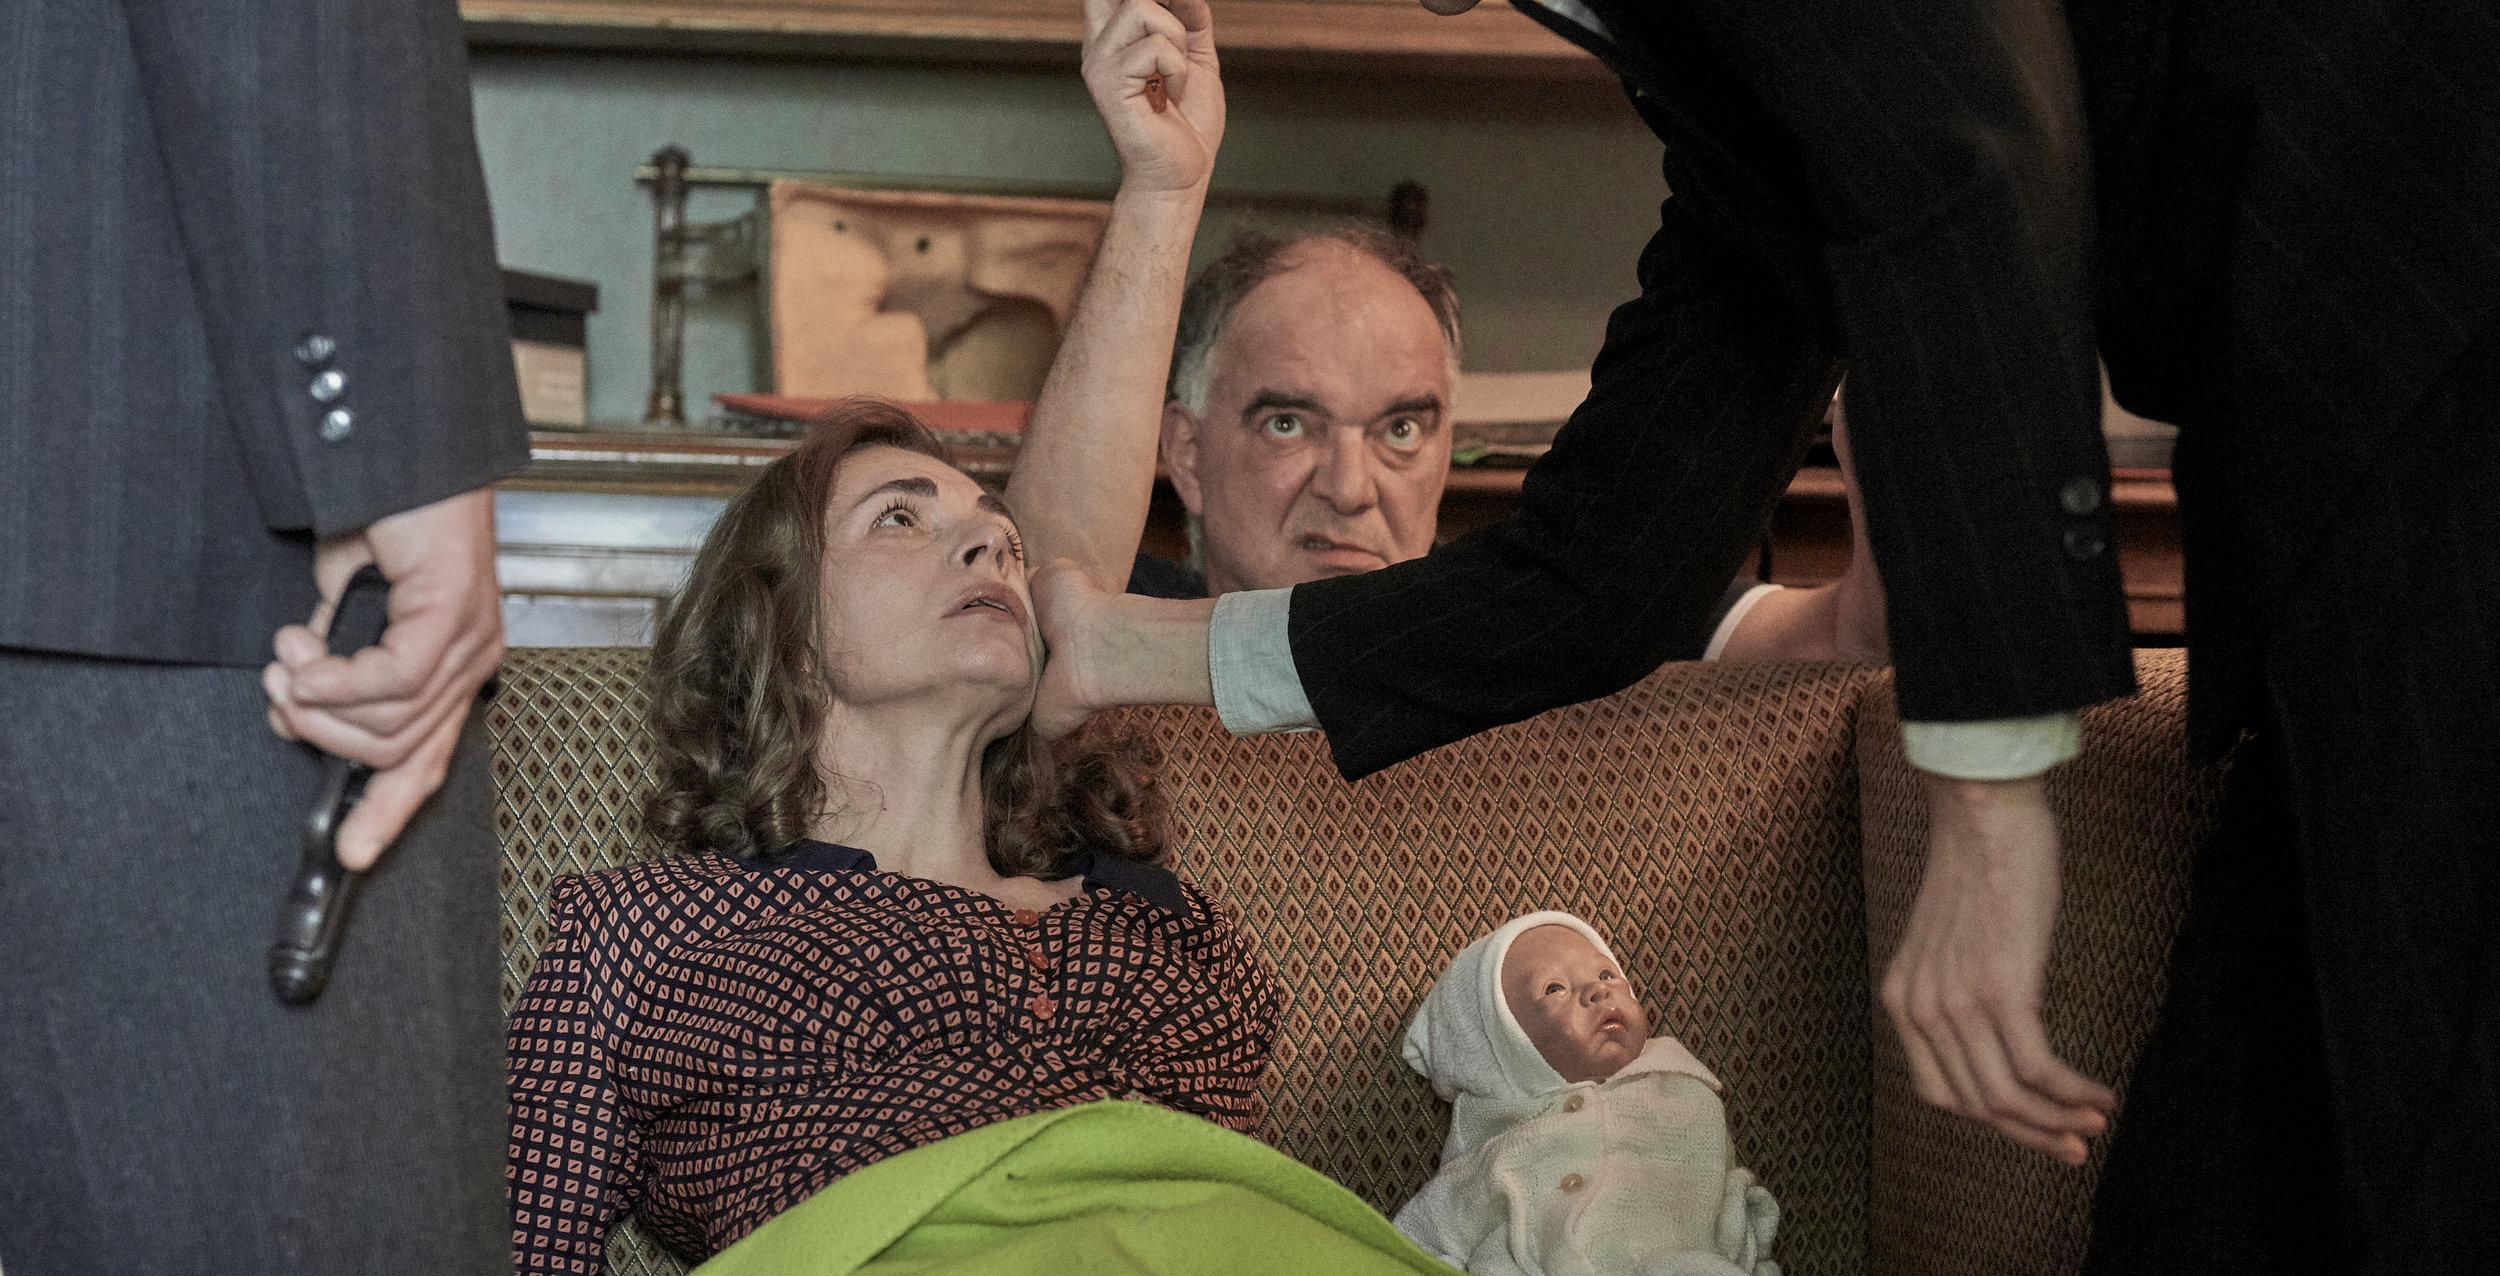 Ondřej Trojan - Známy český režisér a producent, na fotografii z nakrúcania filmu Toman s Kateřinou Winterovou (autor foto: Martin Špelda). K jeho najúspešnejším filmom patrí film Želary (2003), nominovaný na Oscara za najlepší cudzojazyčný film.So spoločnosťou PubRes spolupracoval na divácky úspešnom filme Občiansky preukaz (2010).